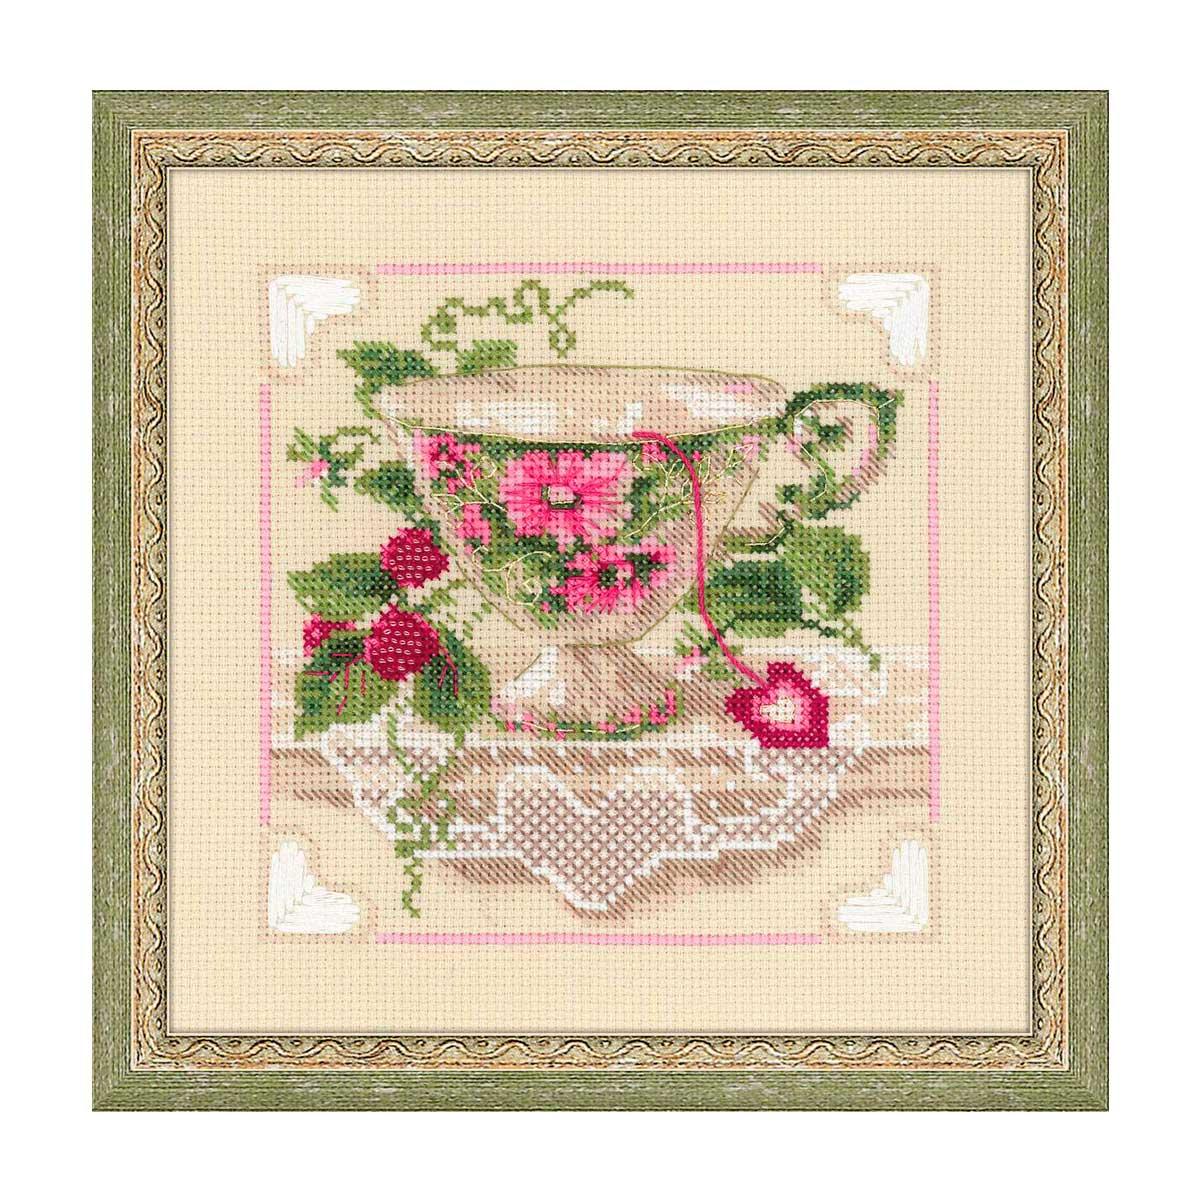 1476 Набор для вышивания Riolis 'Малиновый чай', 20*20 см